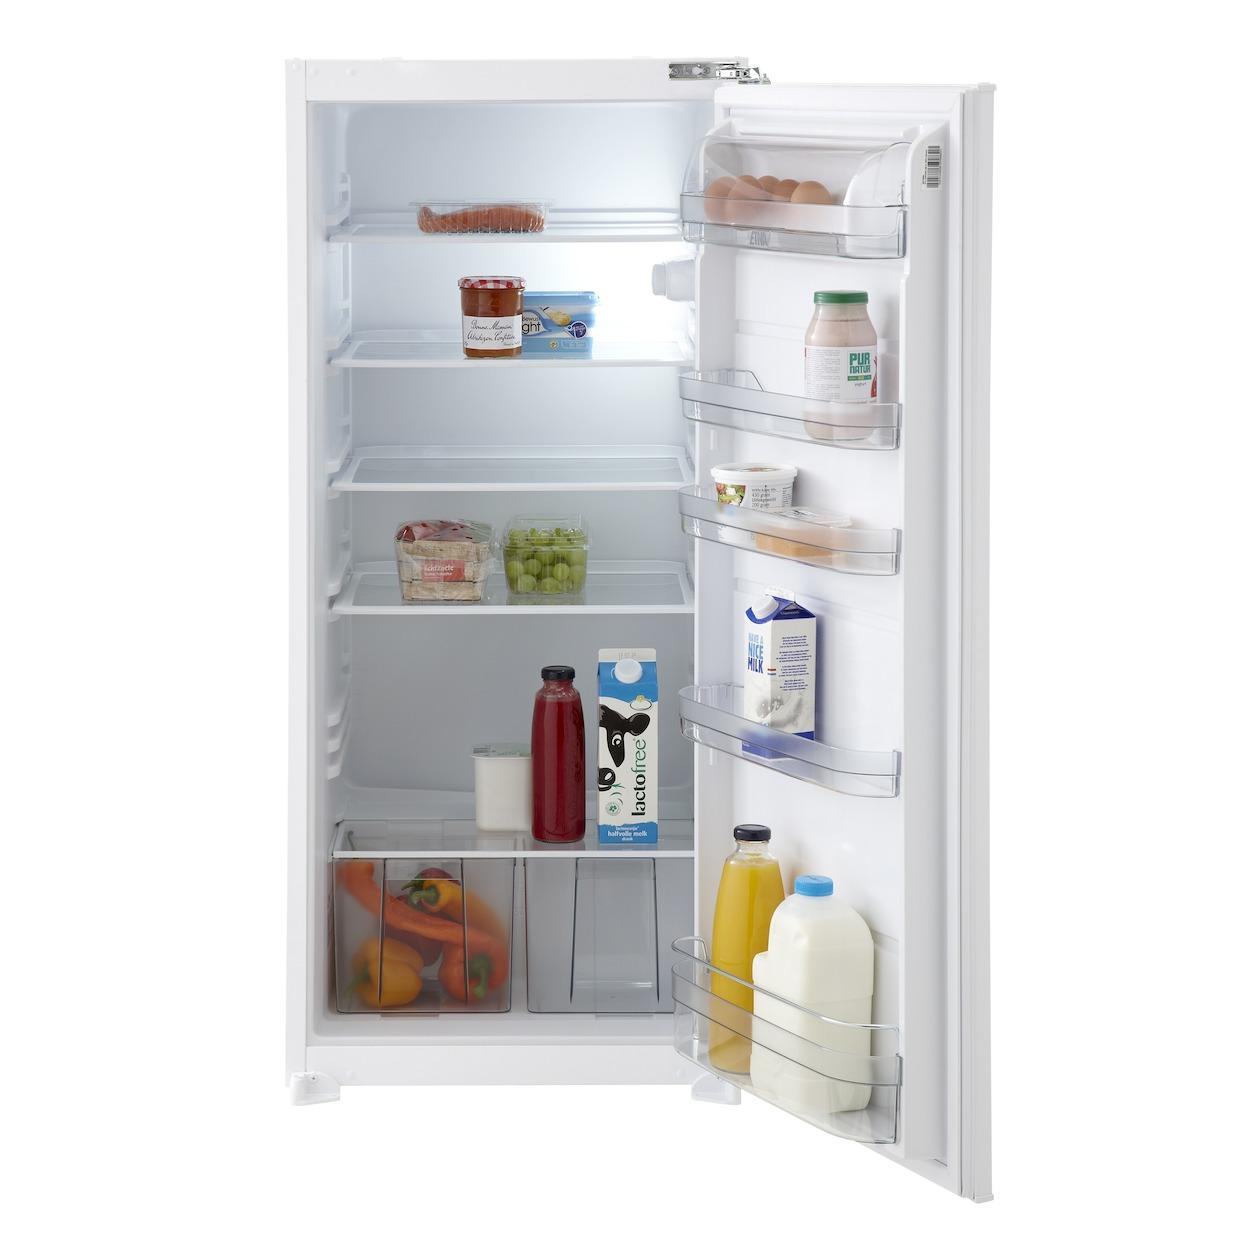 Etna inbouw koelkast KKD50122 - Prijsvergelijk